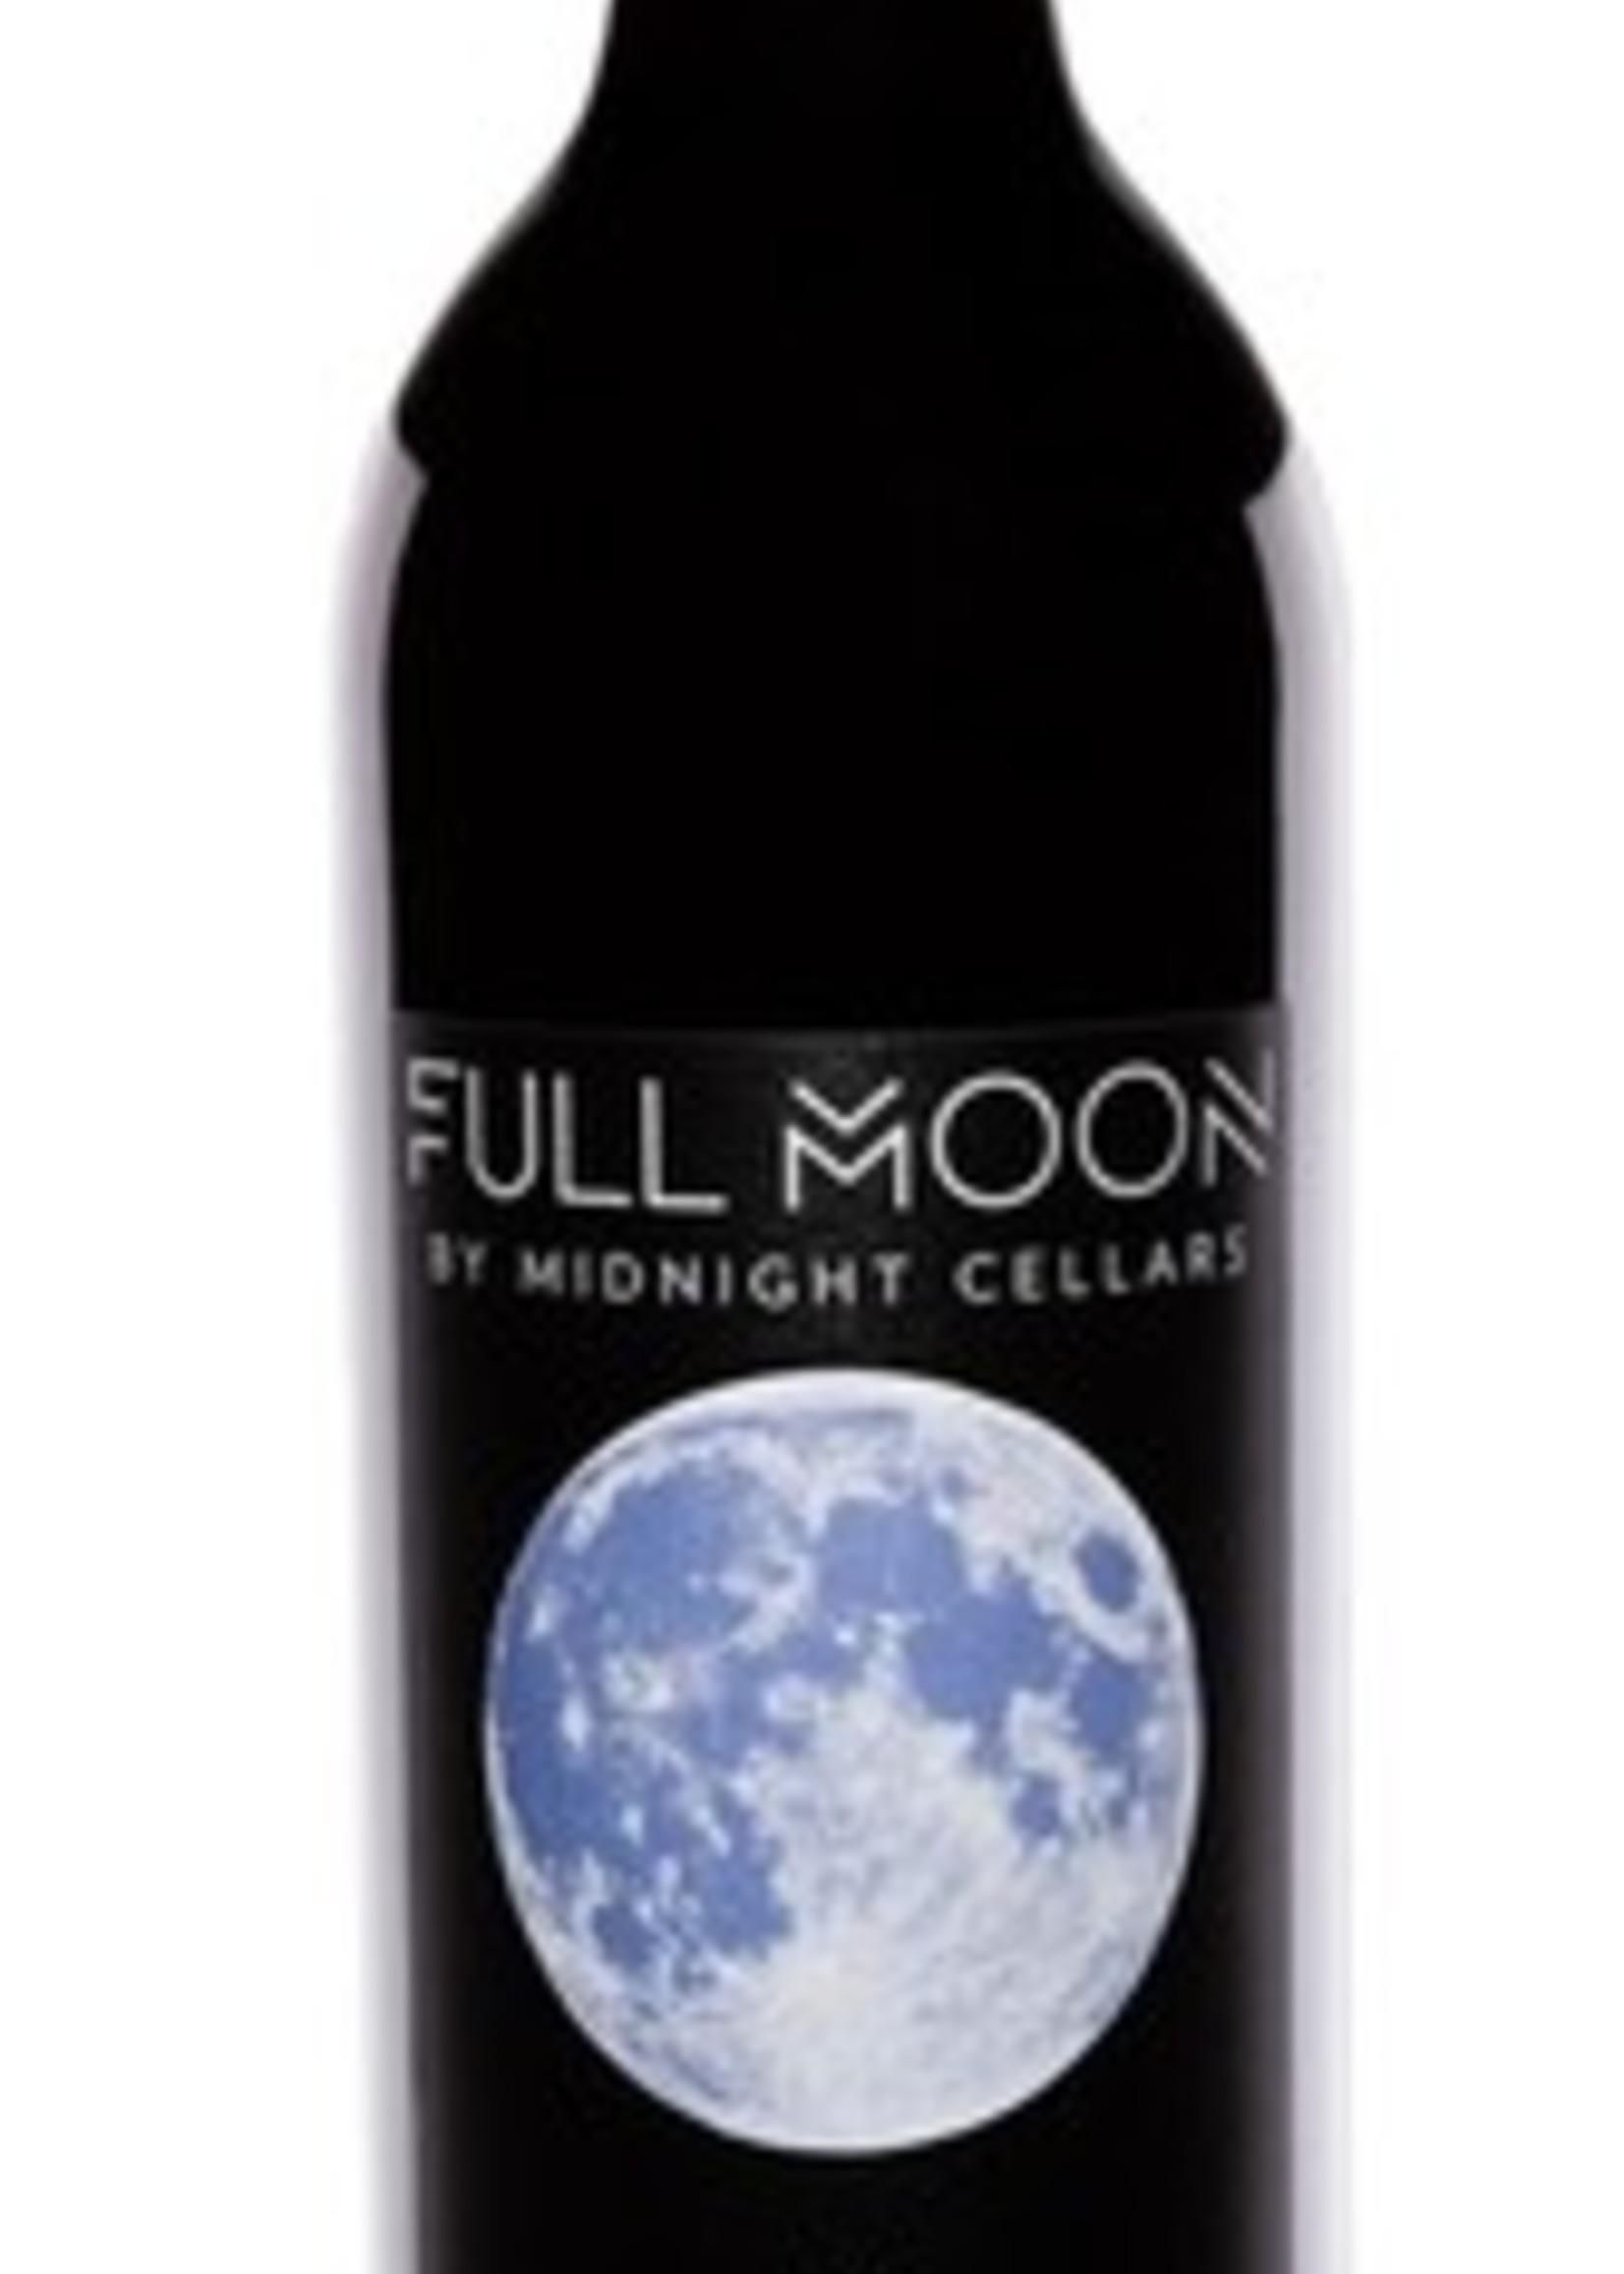 Full Moon Red